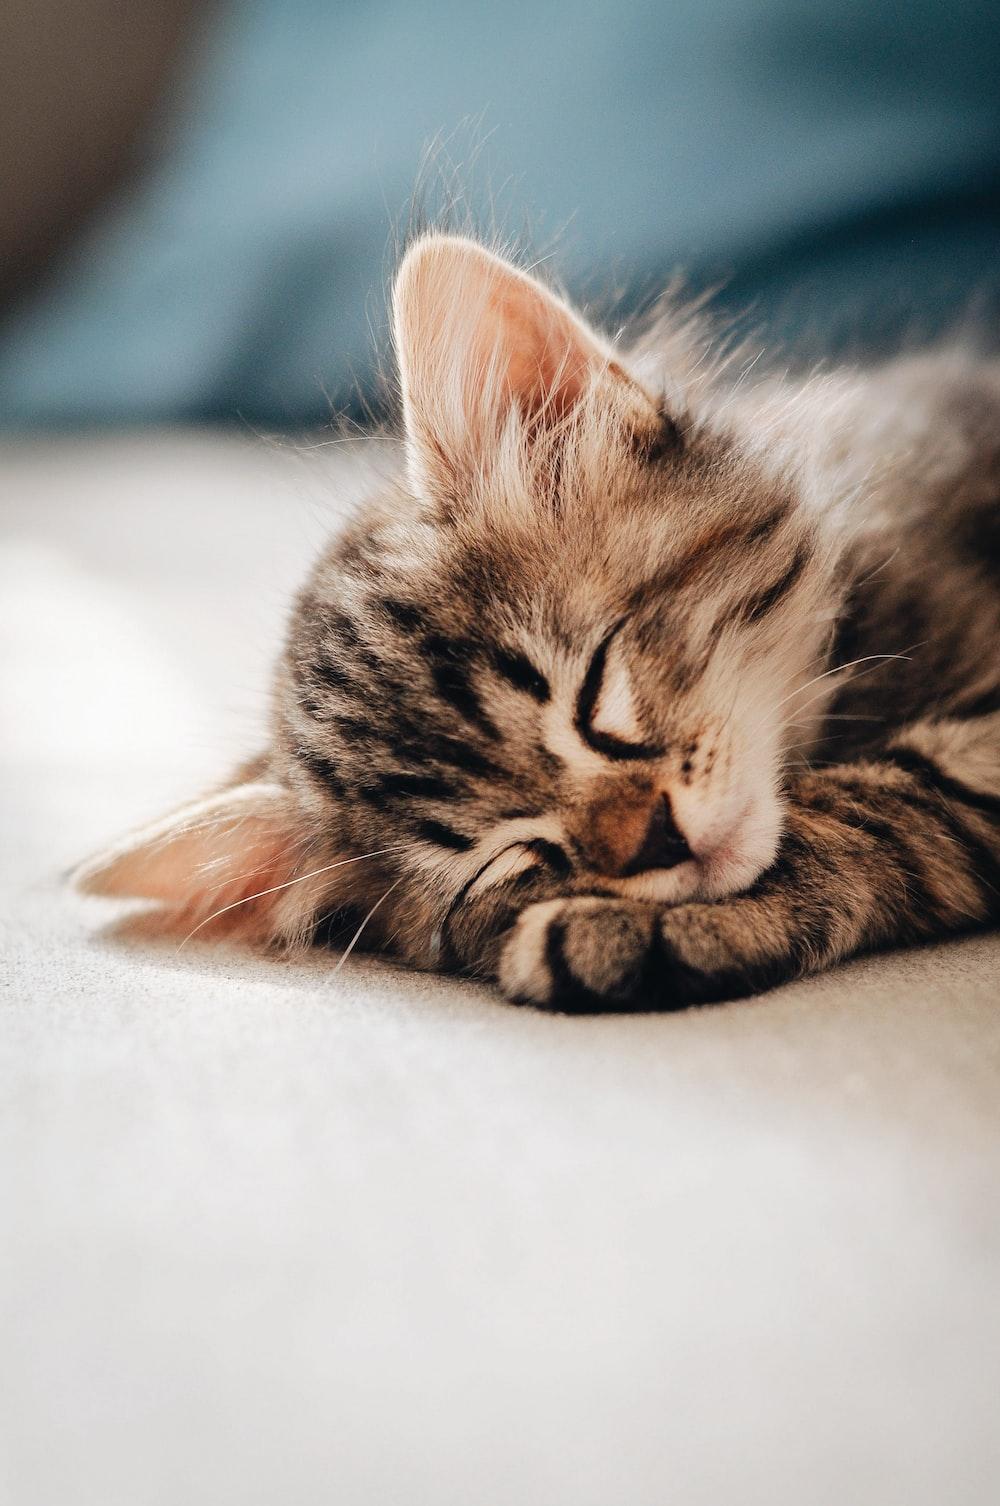 brown tabby kitten lying on white textile